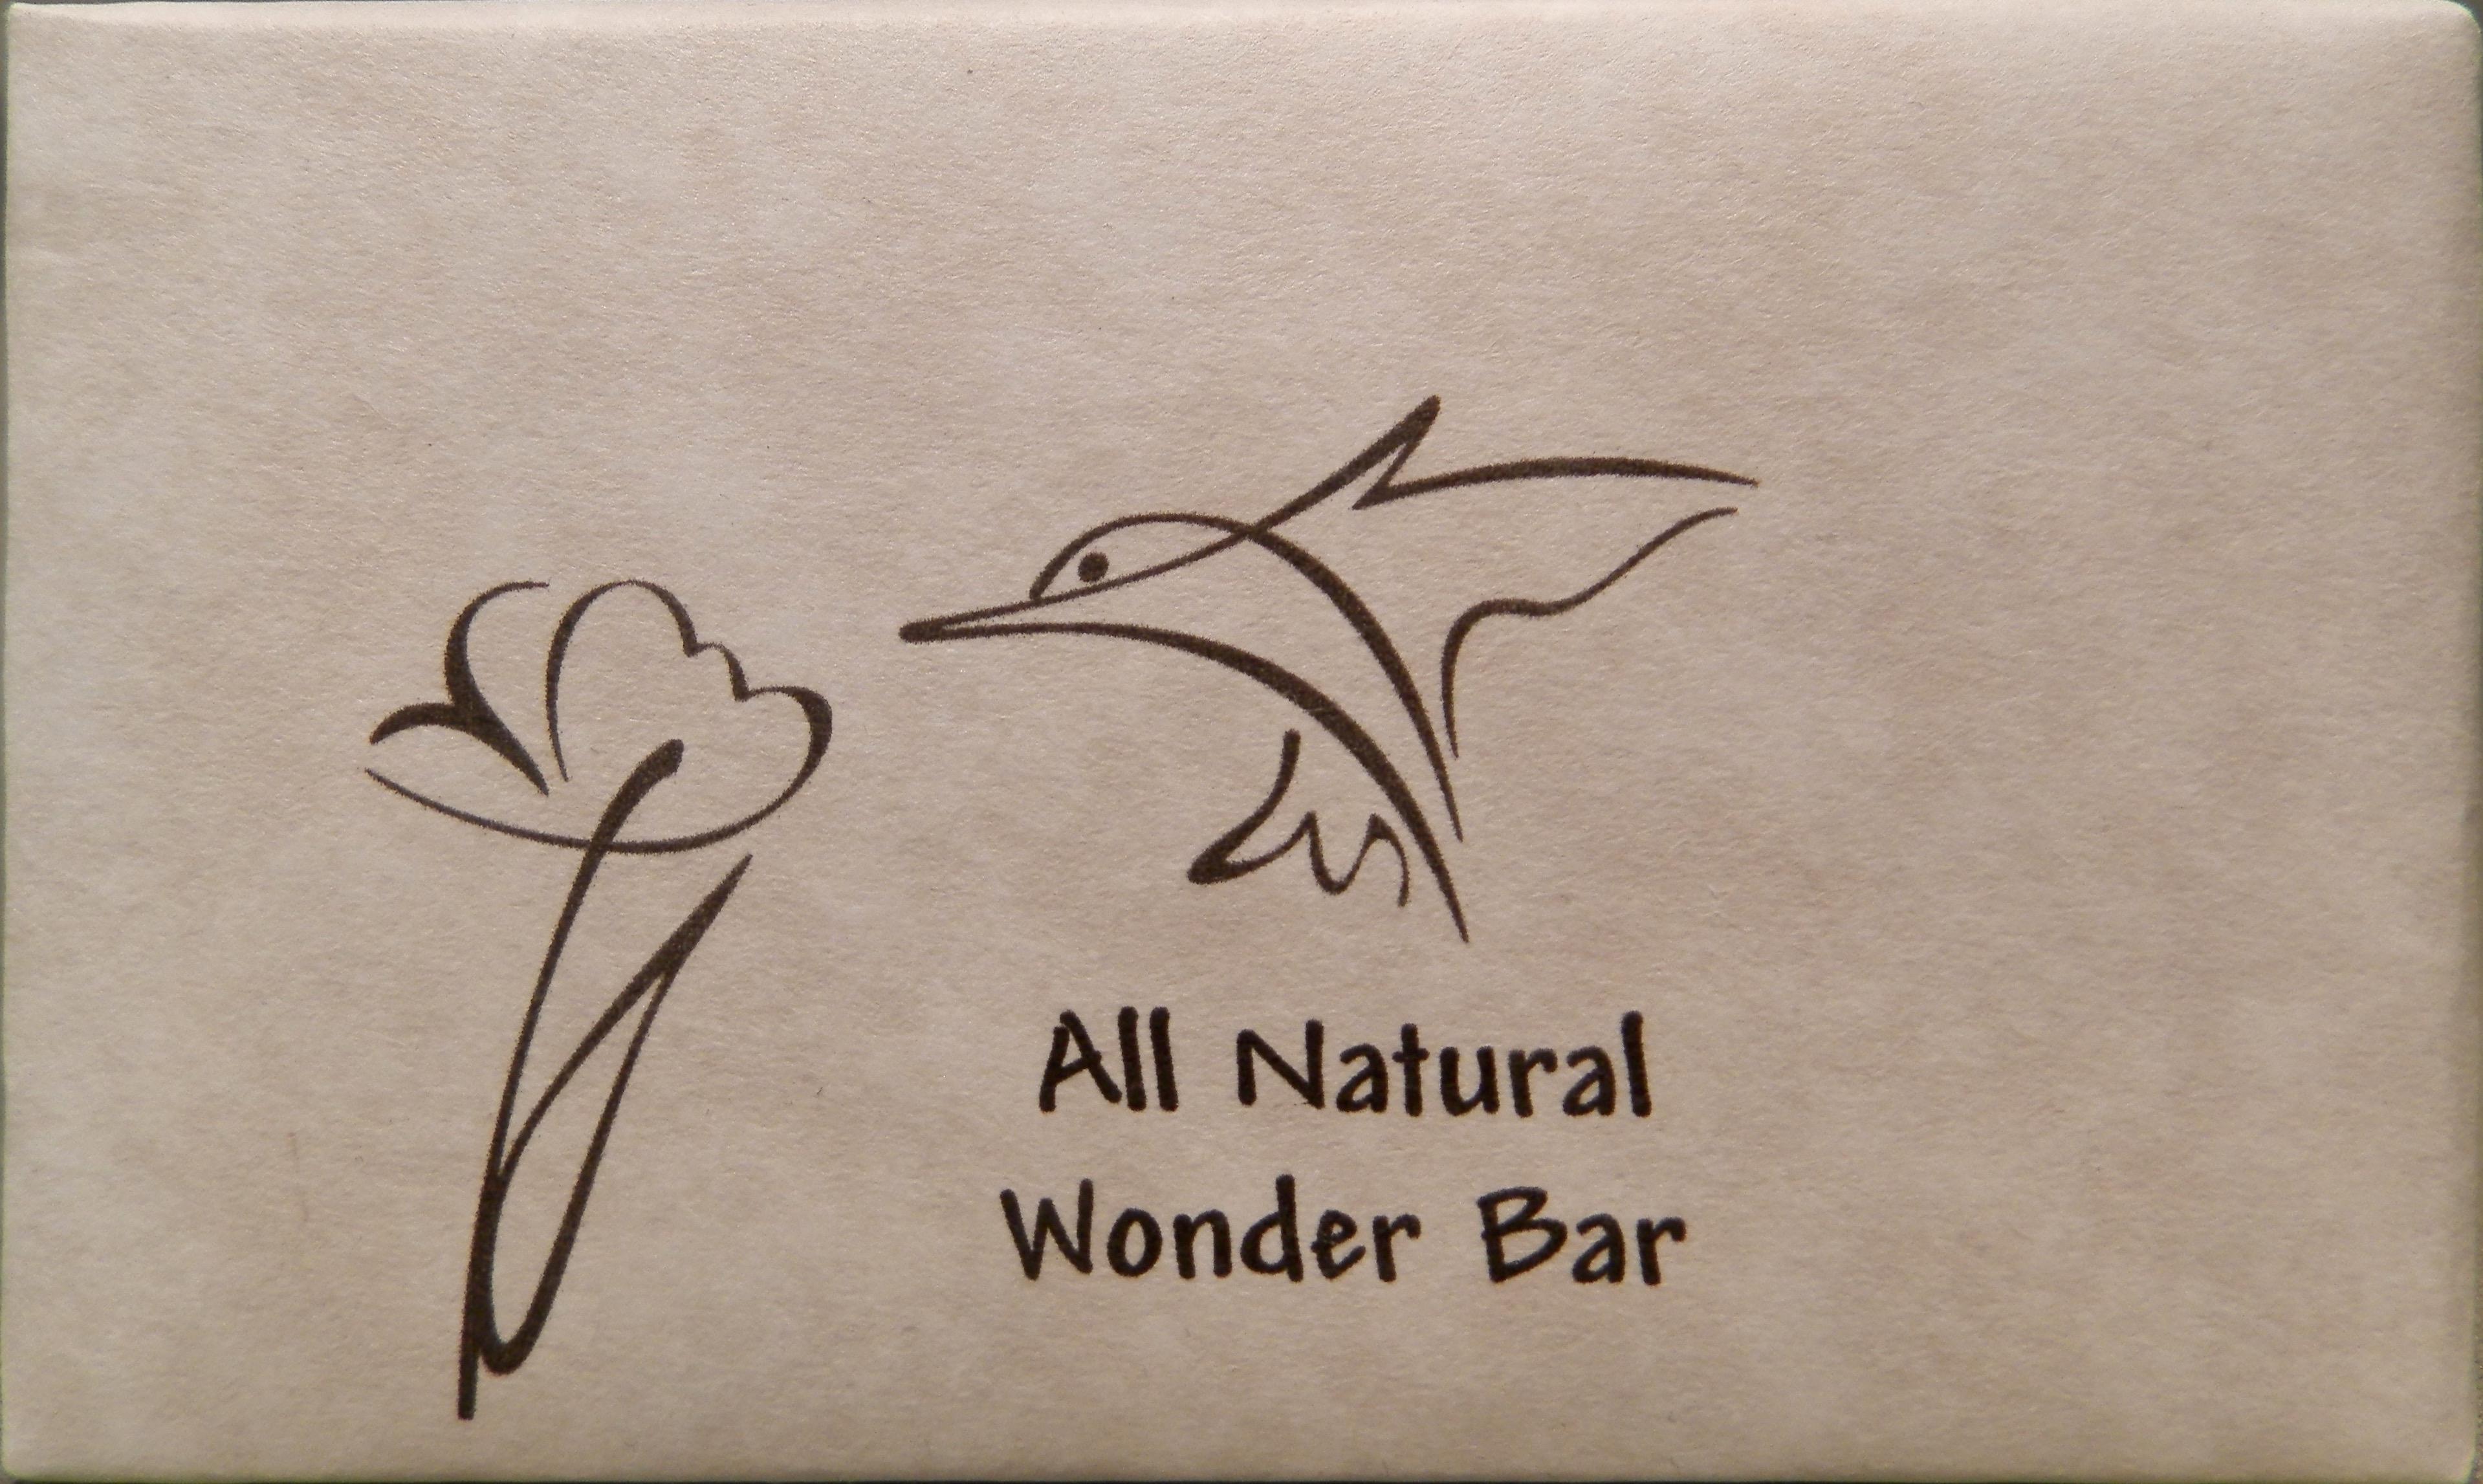 3838x2294 Wonder Bar Soap